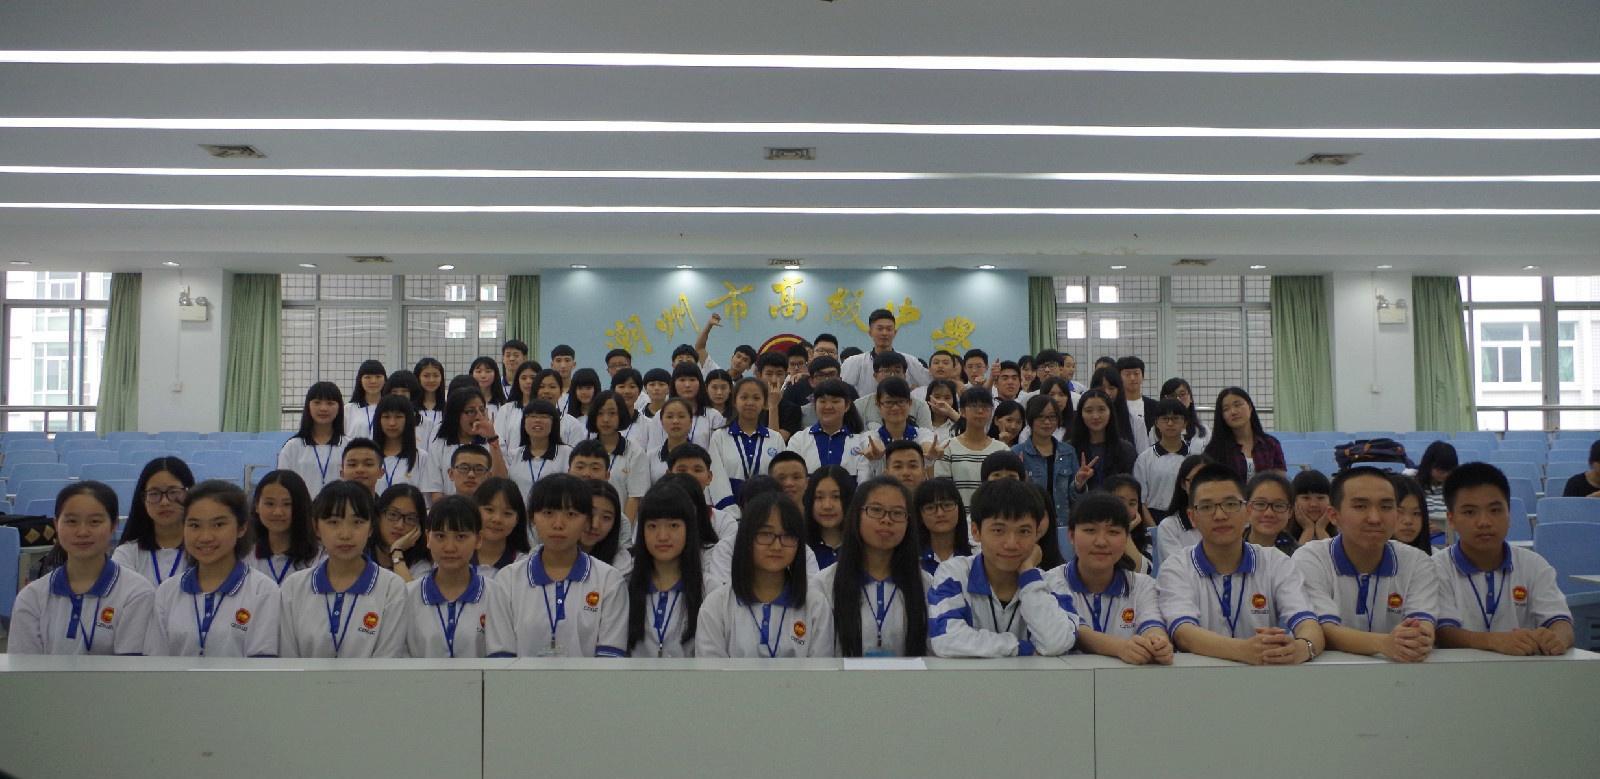 潮州市 高级中学图片